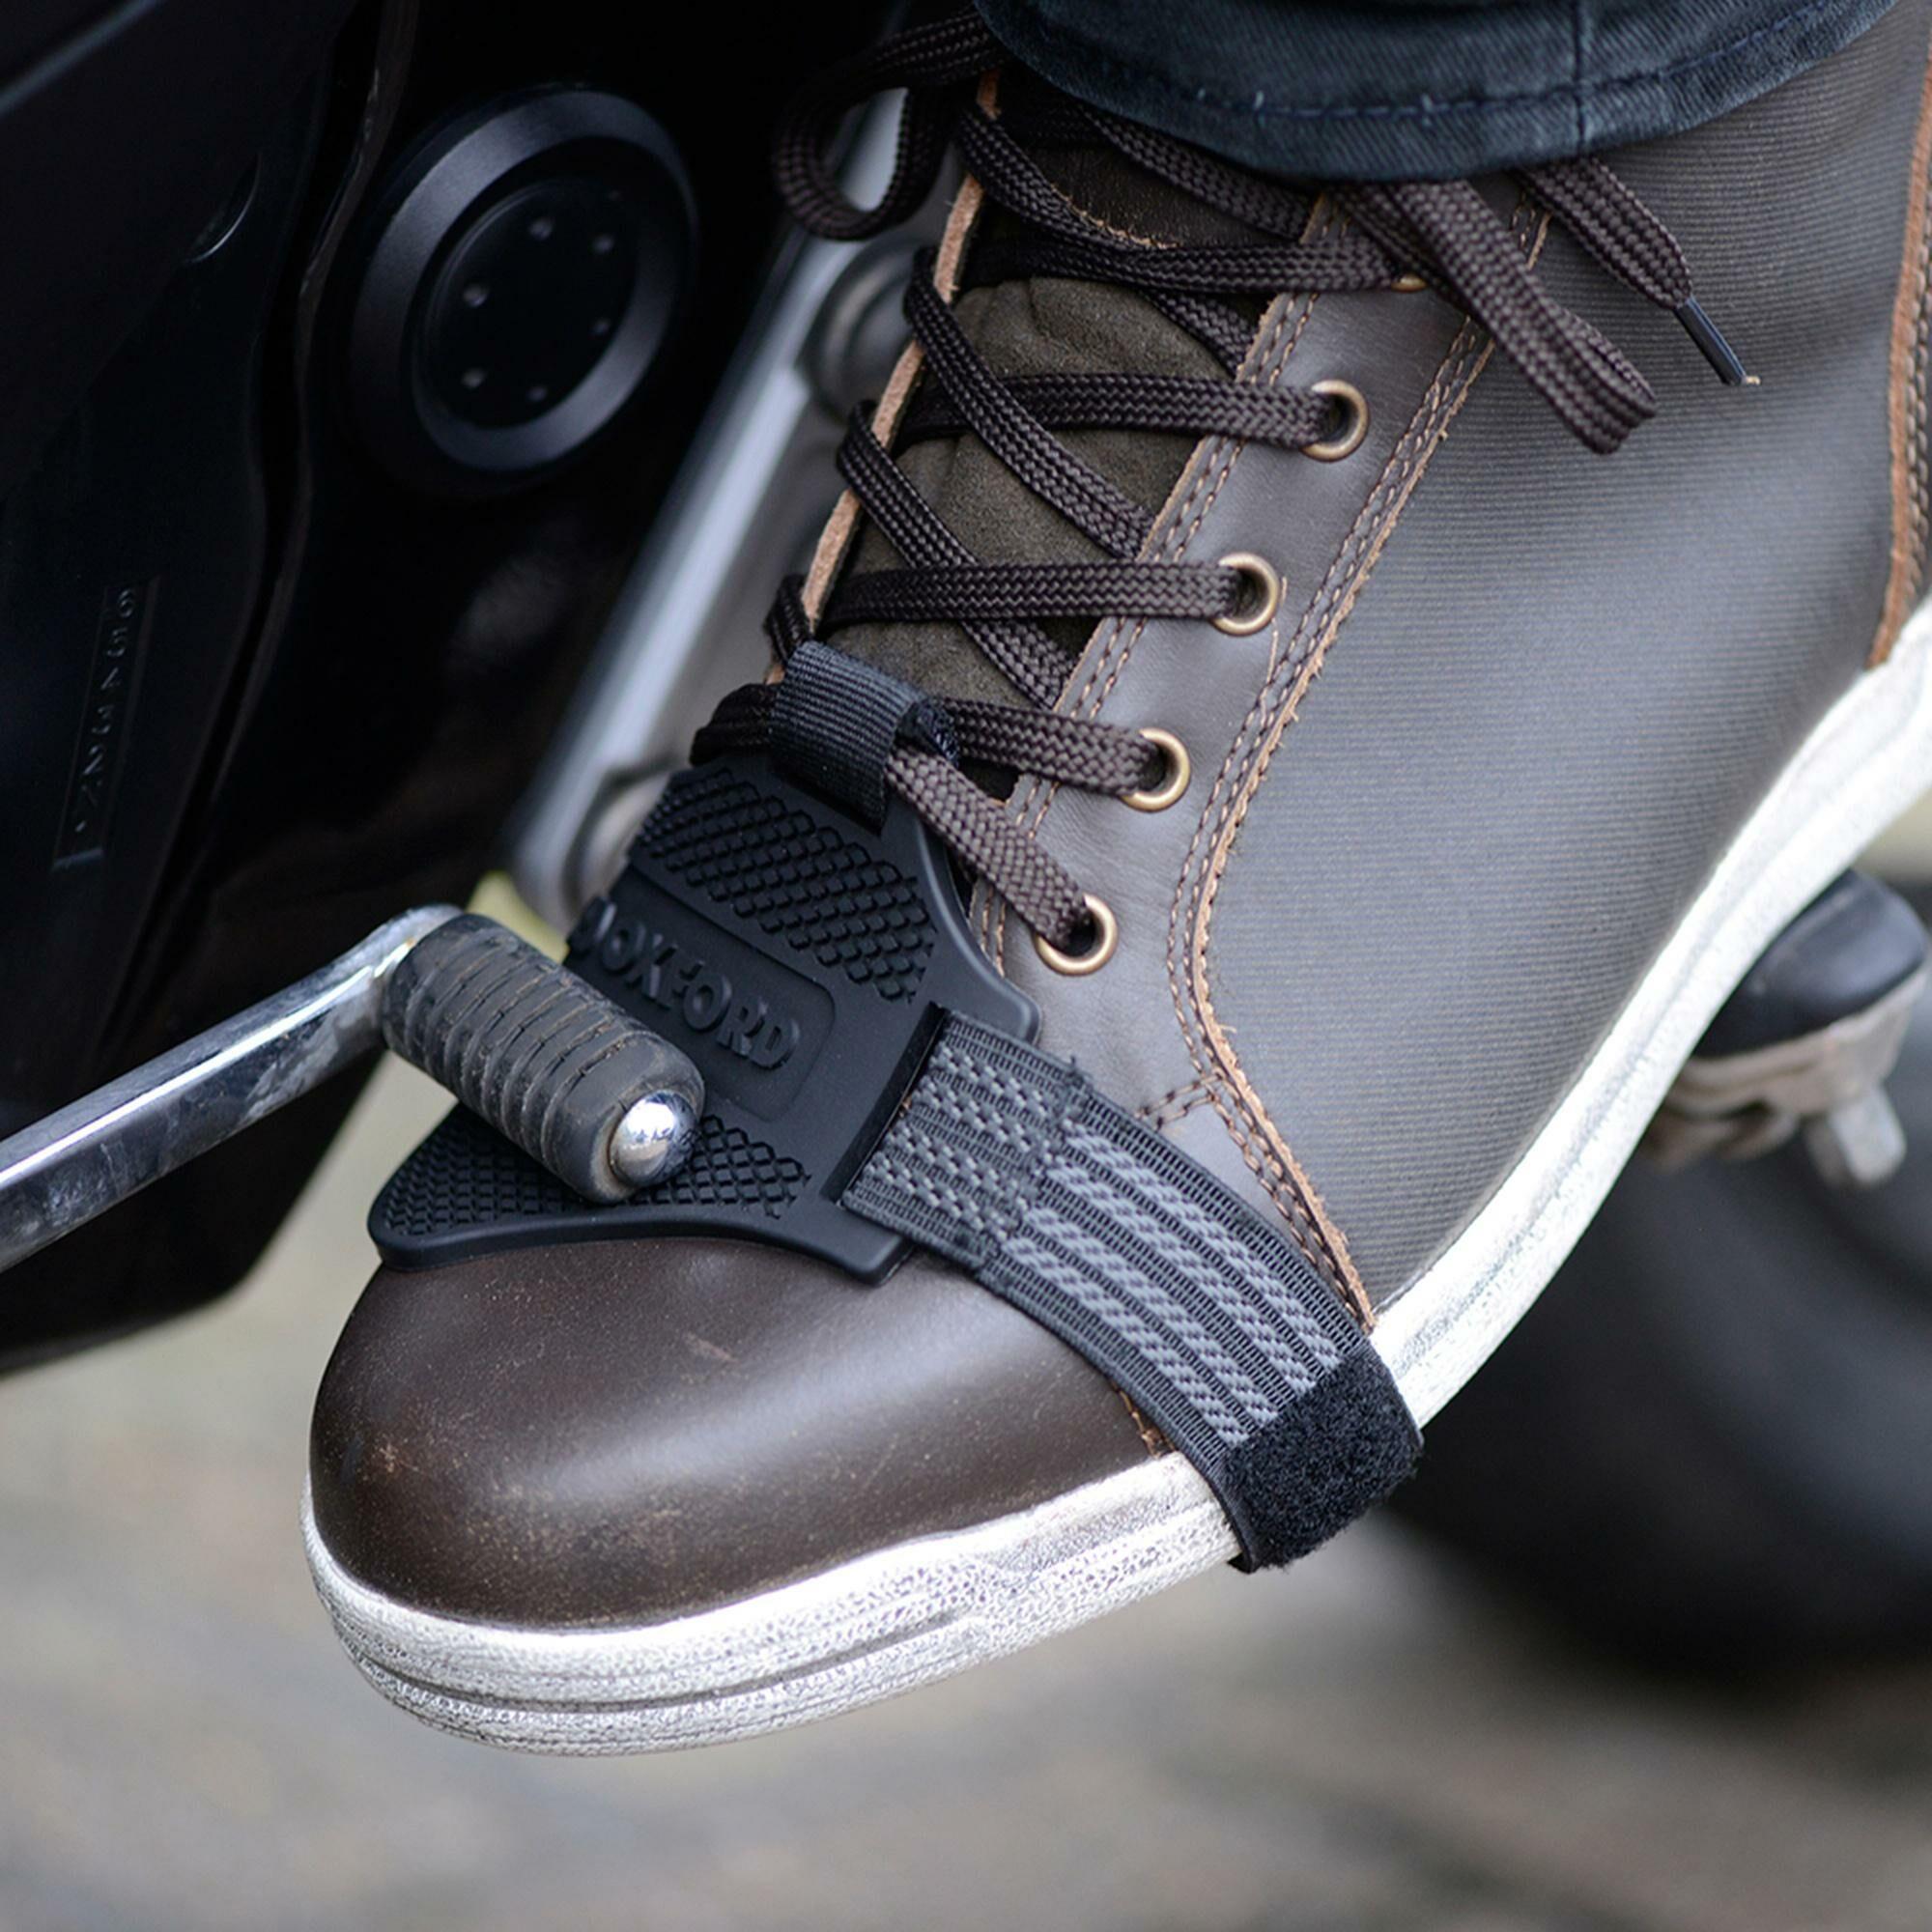 Obrázek produktu navlék pro ochranu boty v místě řadičky, OXFORD OX674